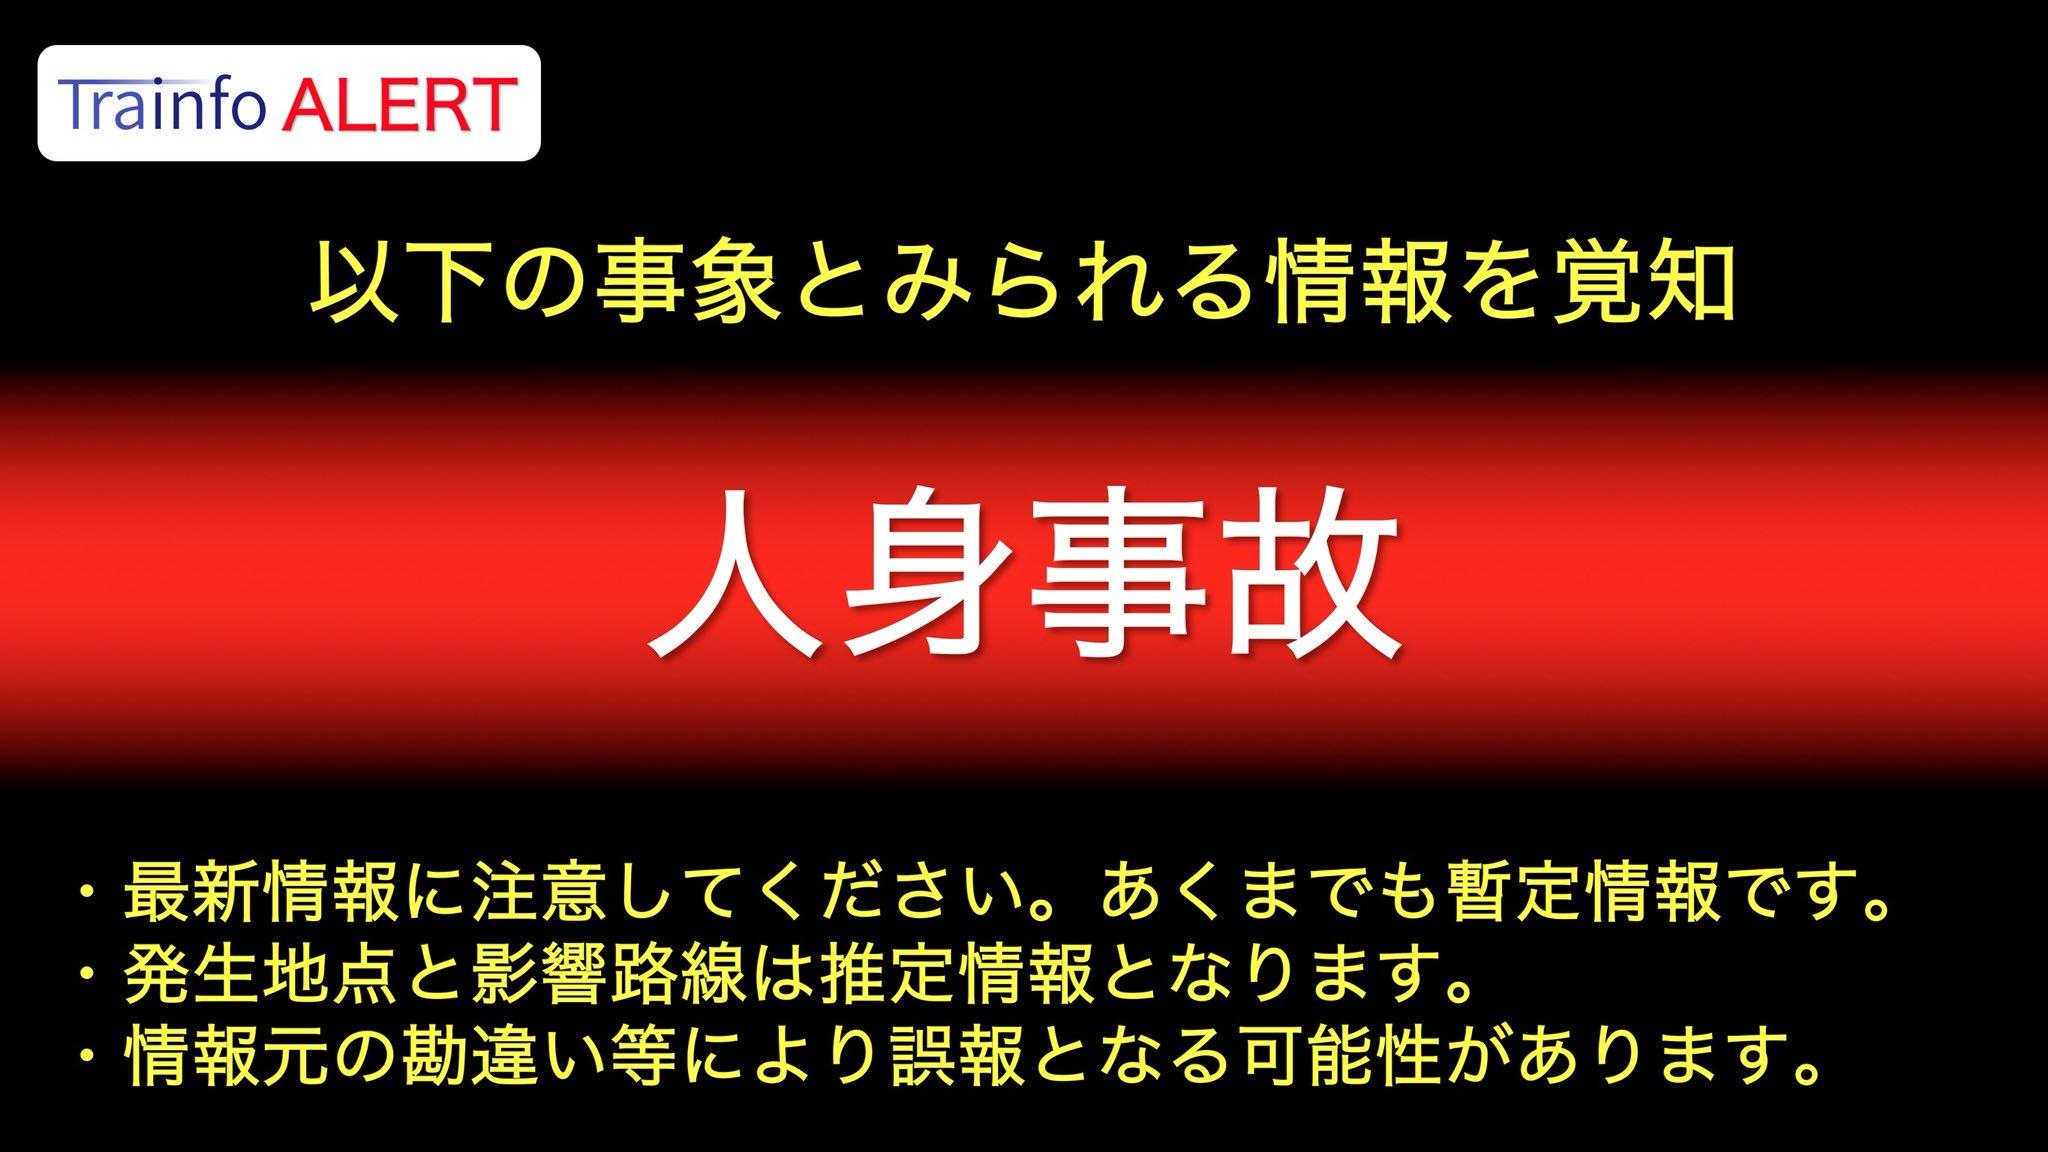 画像,🏃♂️ 人身事故 💥神田駅付近で人身事故発生の模様以下の路線でダイヤ乱れの可能性山手線京浜東北線中央線(快速)など https://t.co/npmZuSw3…